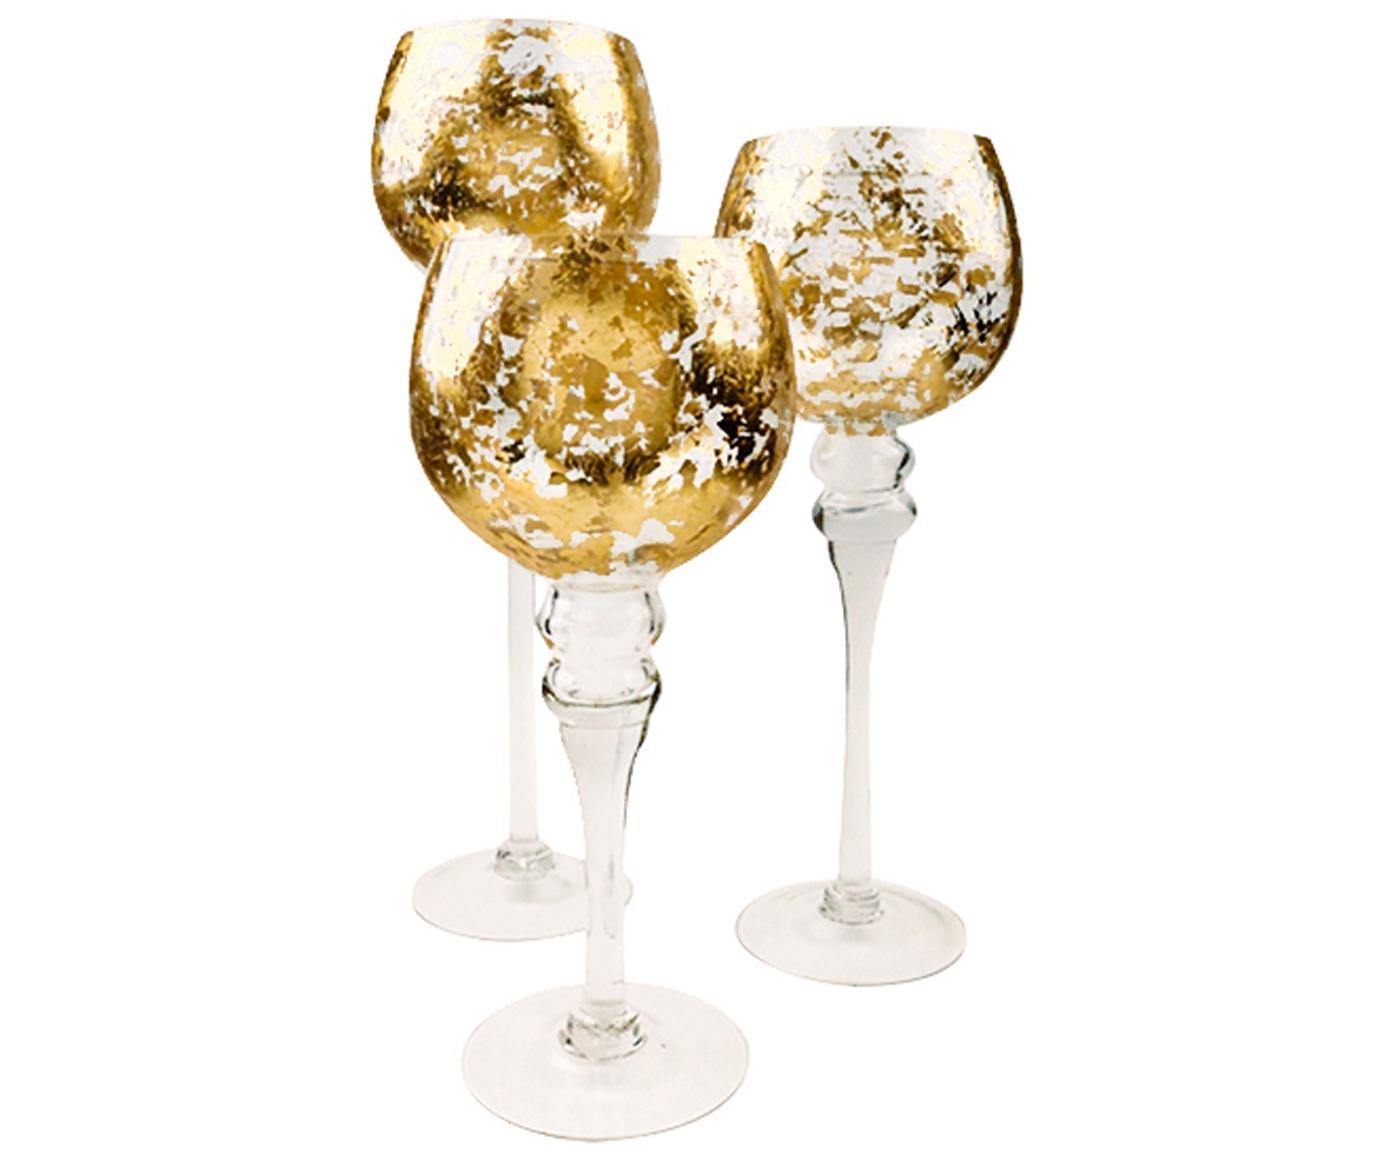 Kerzenhalter-Set Glow, 3-tlg. , Glas, Transparent, Goldfarben, Verschiedene Grössen